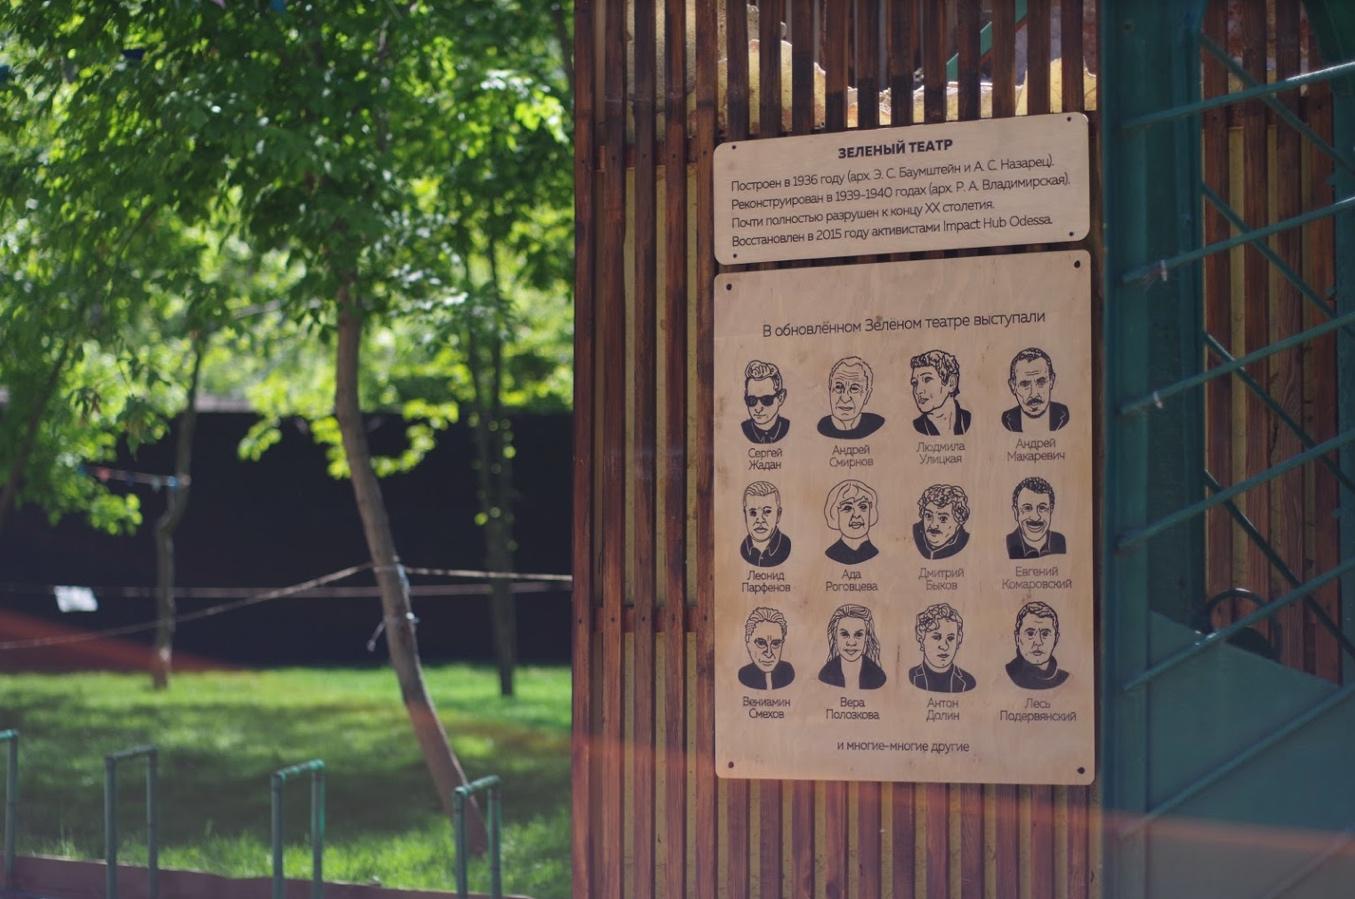 Сергій Ровинський, «Зелений театр»: «Інших таких проектів в Україні немає»